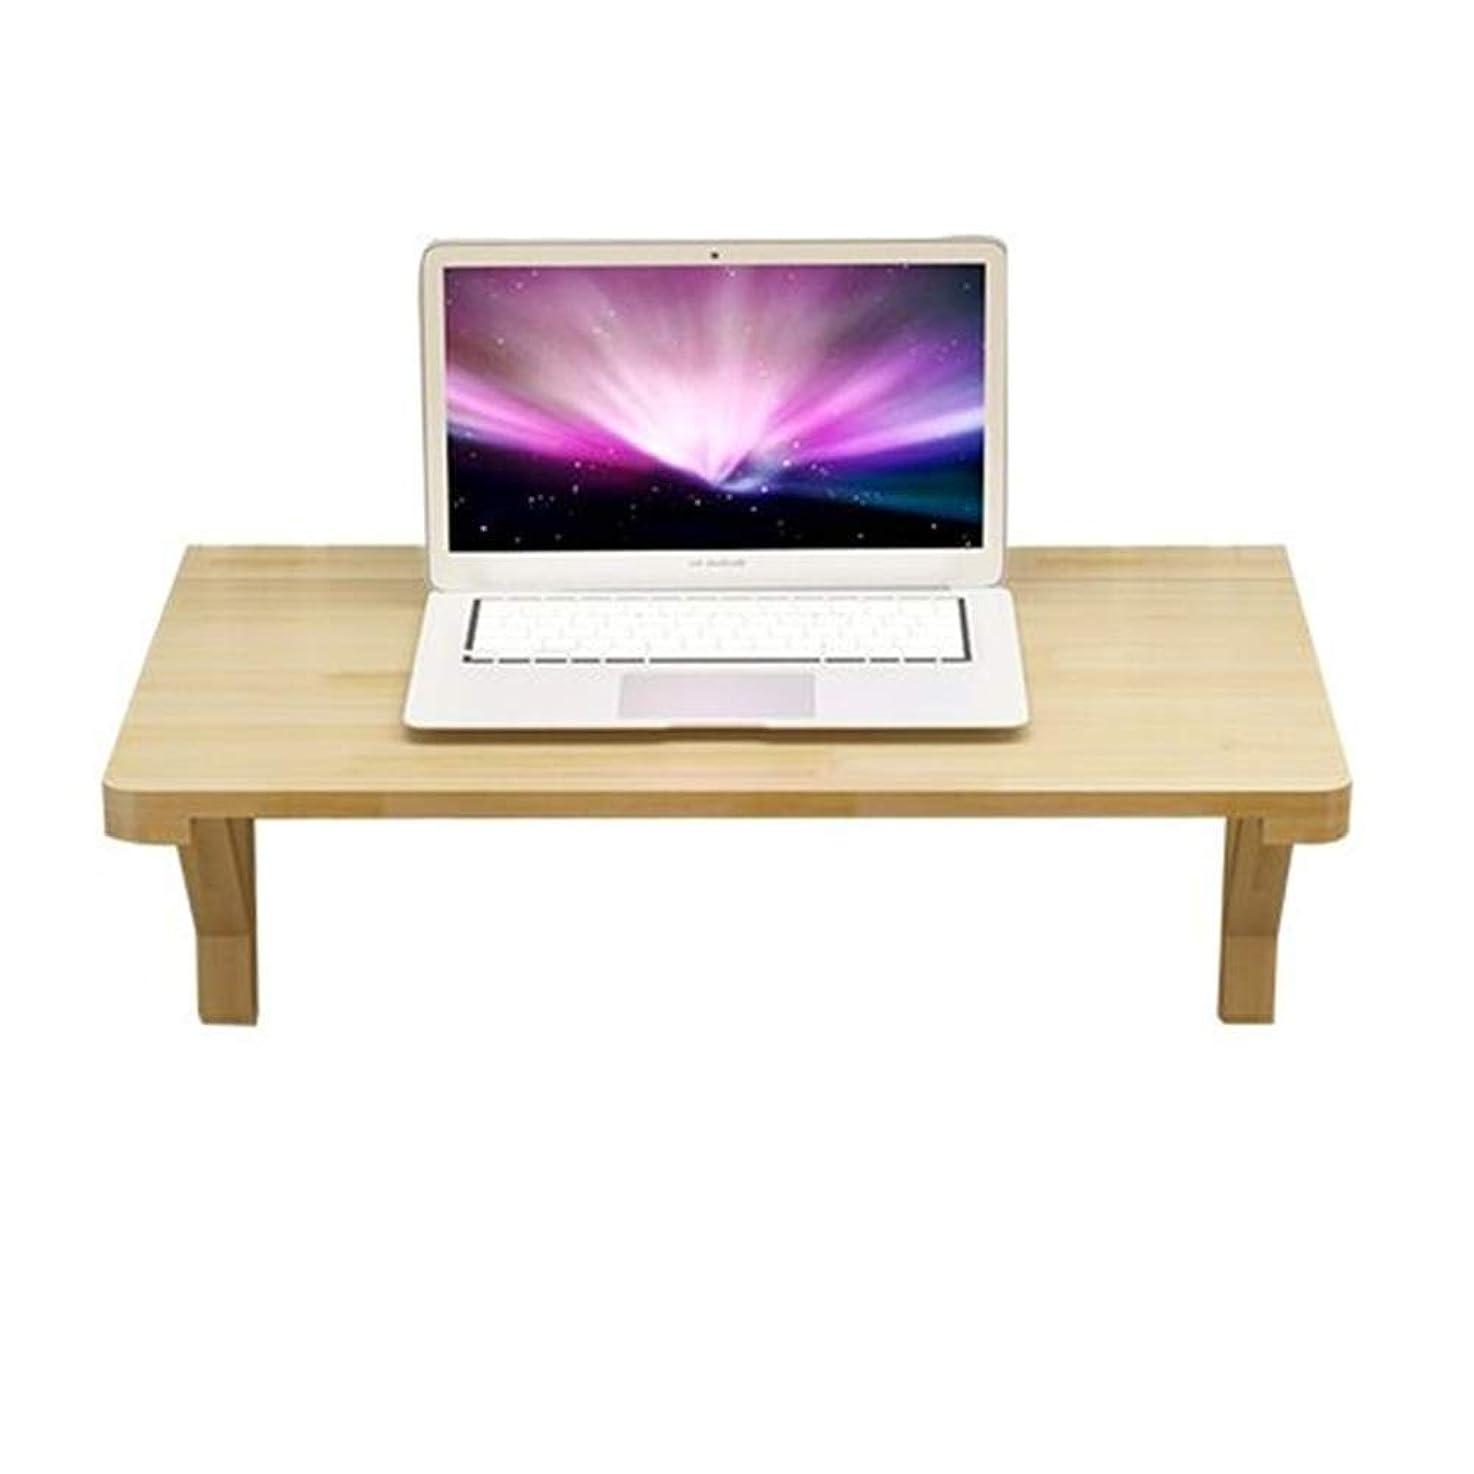 理論匿名も簡易収納テーブル 折りたたみ壁掛けテーブル多機能無垢材本棚キッチン棚シンプルなコンピュータデスク、9サイズ(サイズ:60X45CM) Carl Artbay (Size : 50x30CM)